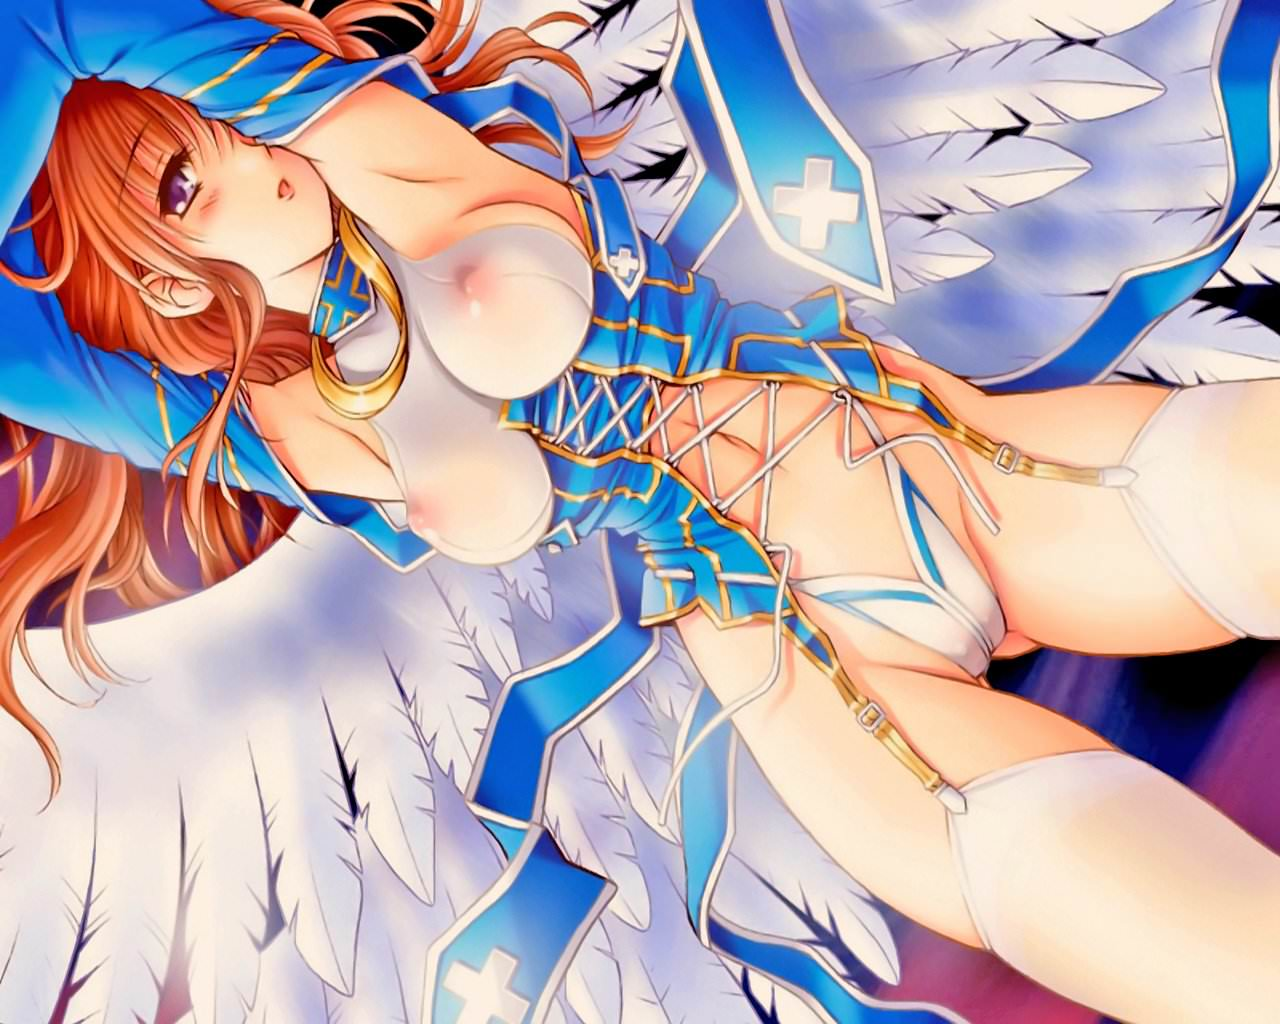 Смотреть порно трахают девку с крылышками ангела 16 фотография